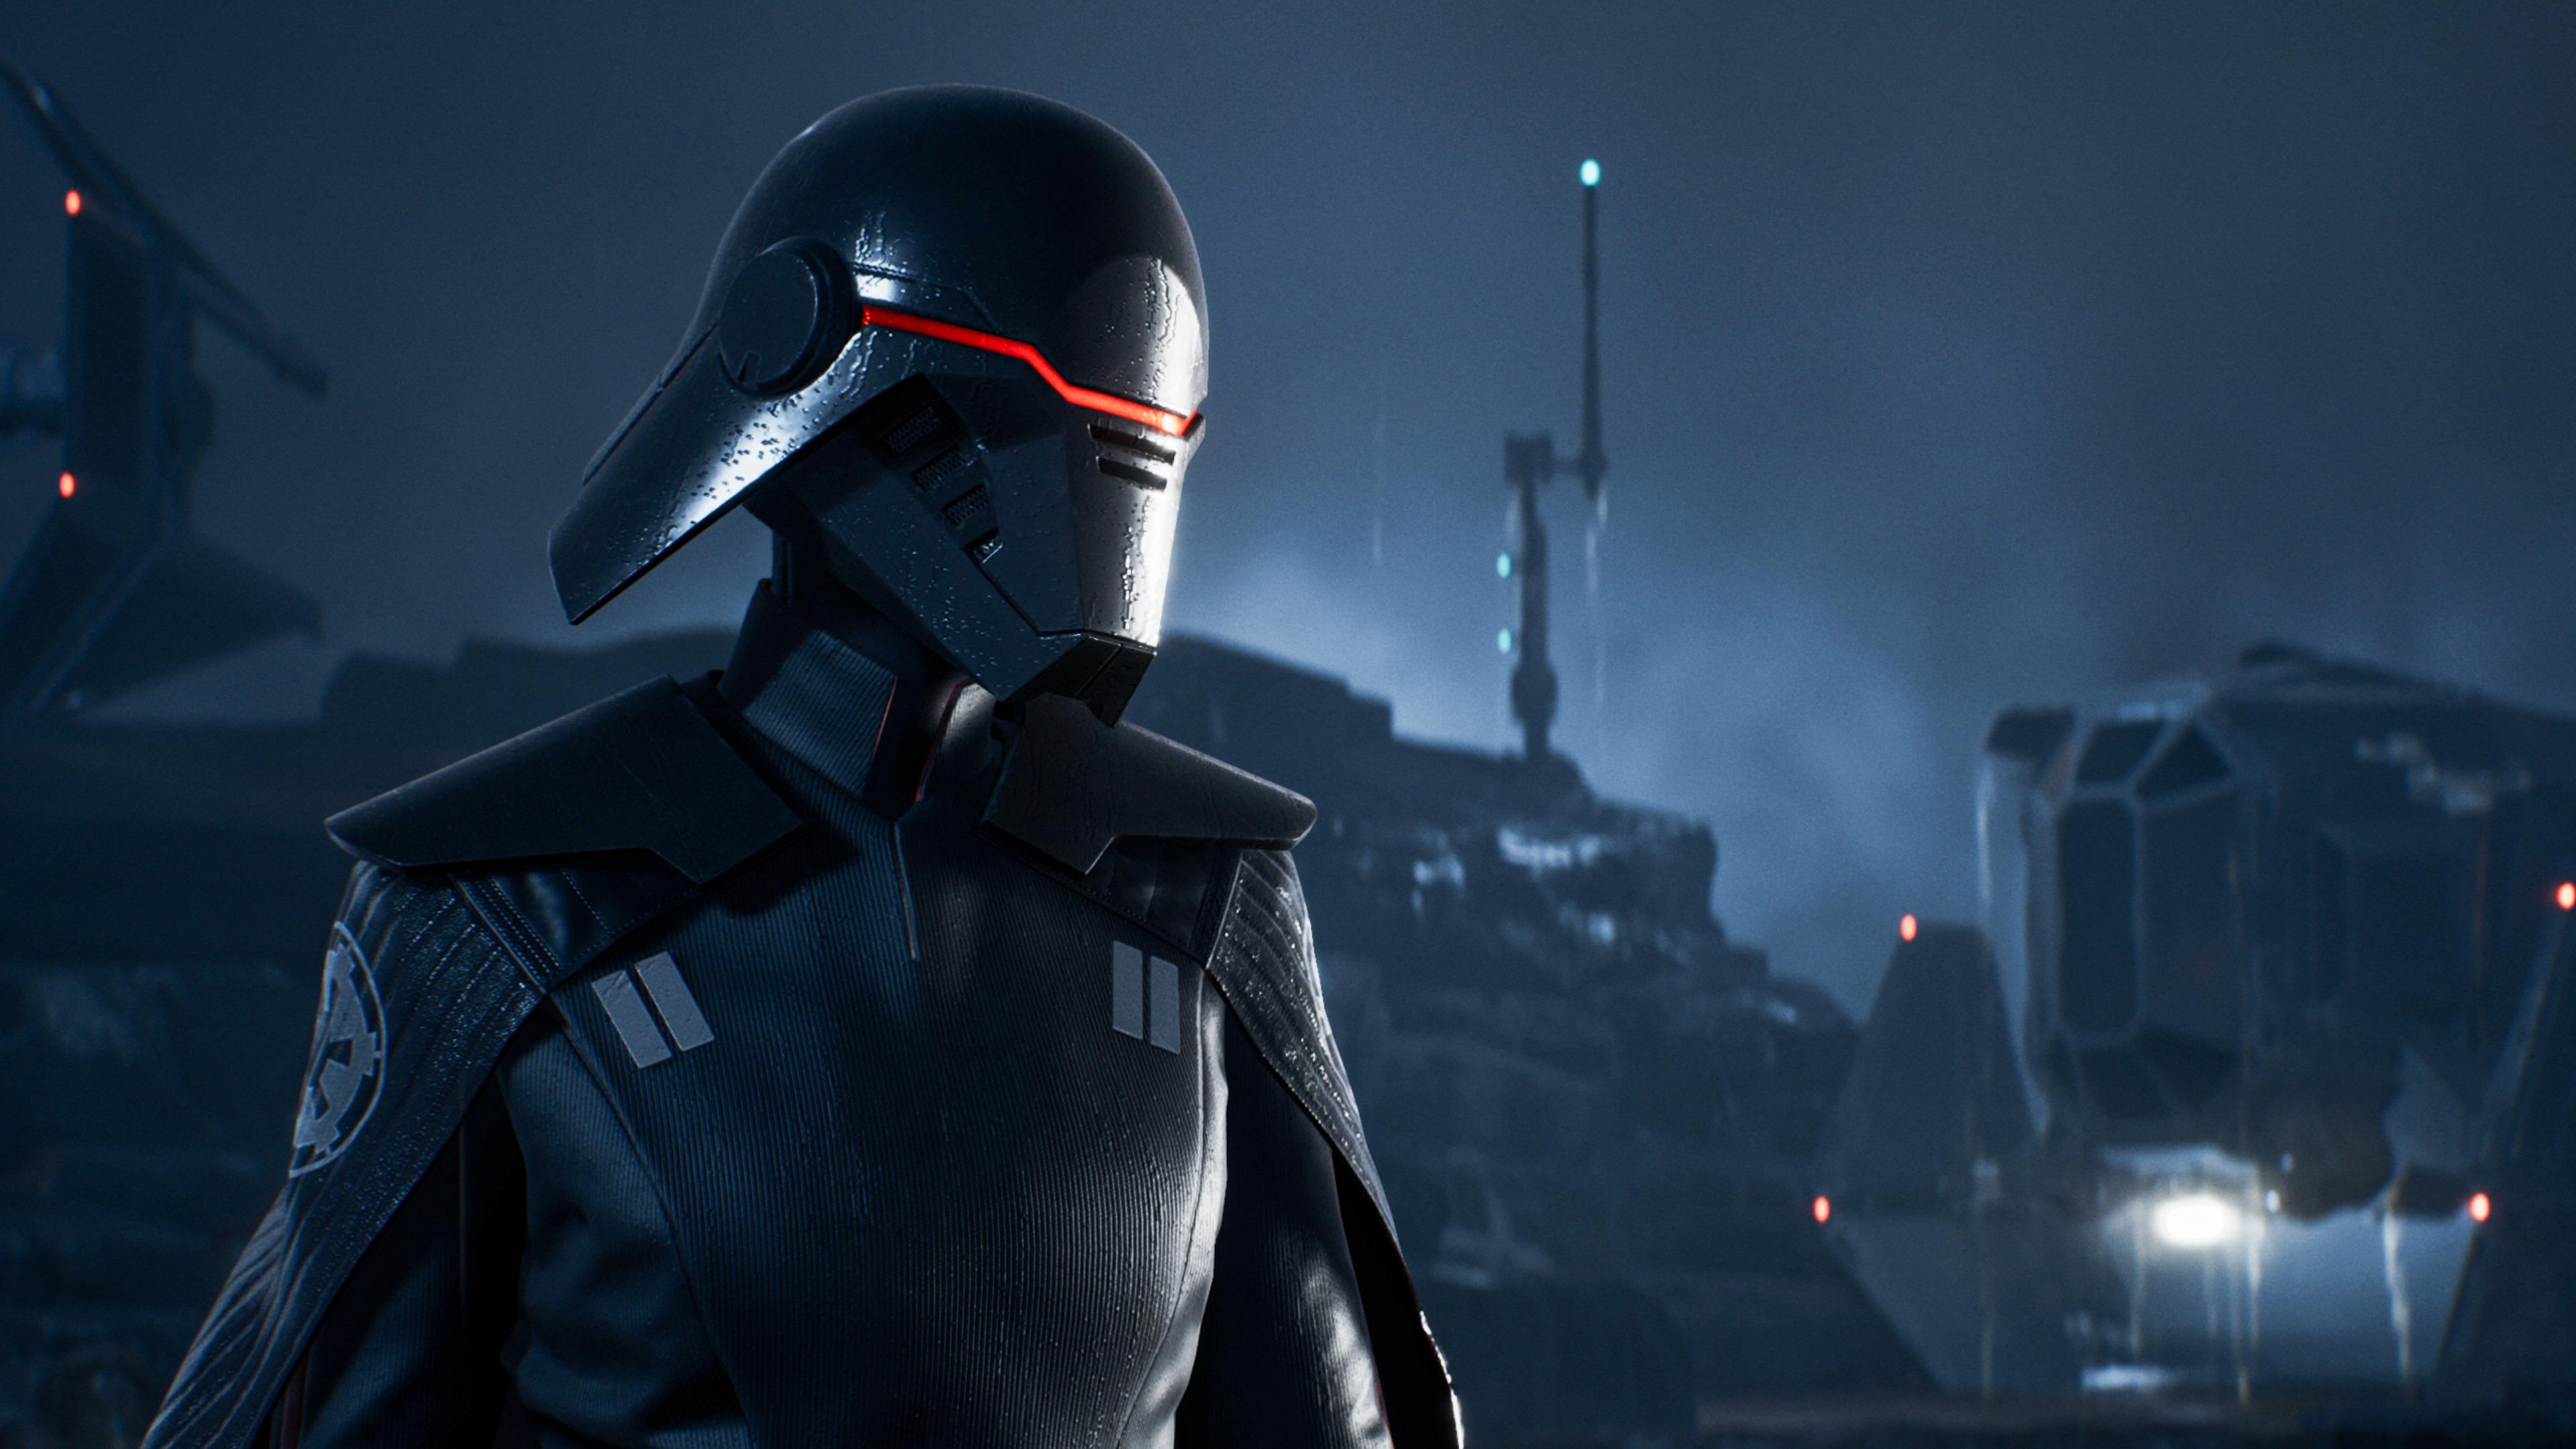 Star Wars Jedi Fallen Order , HD Wallpaper & Backgrounds